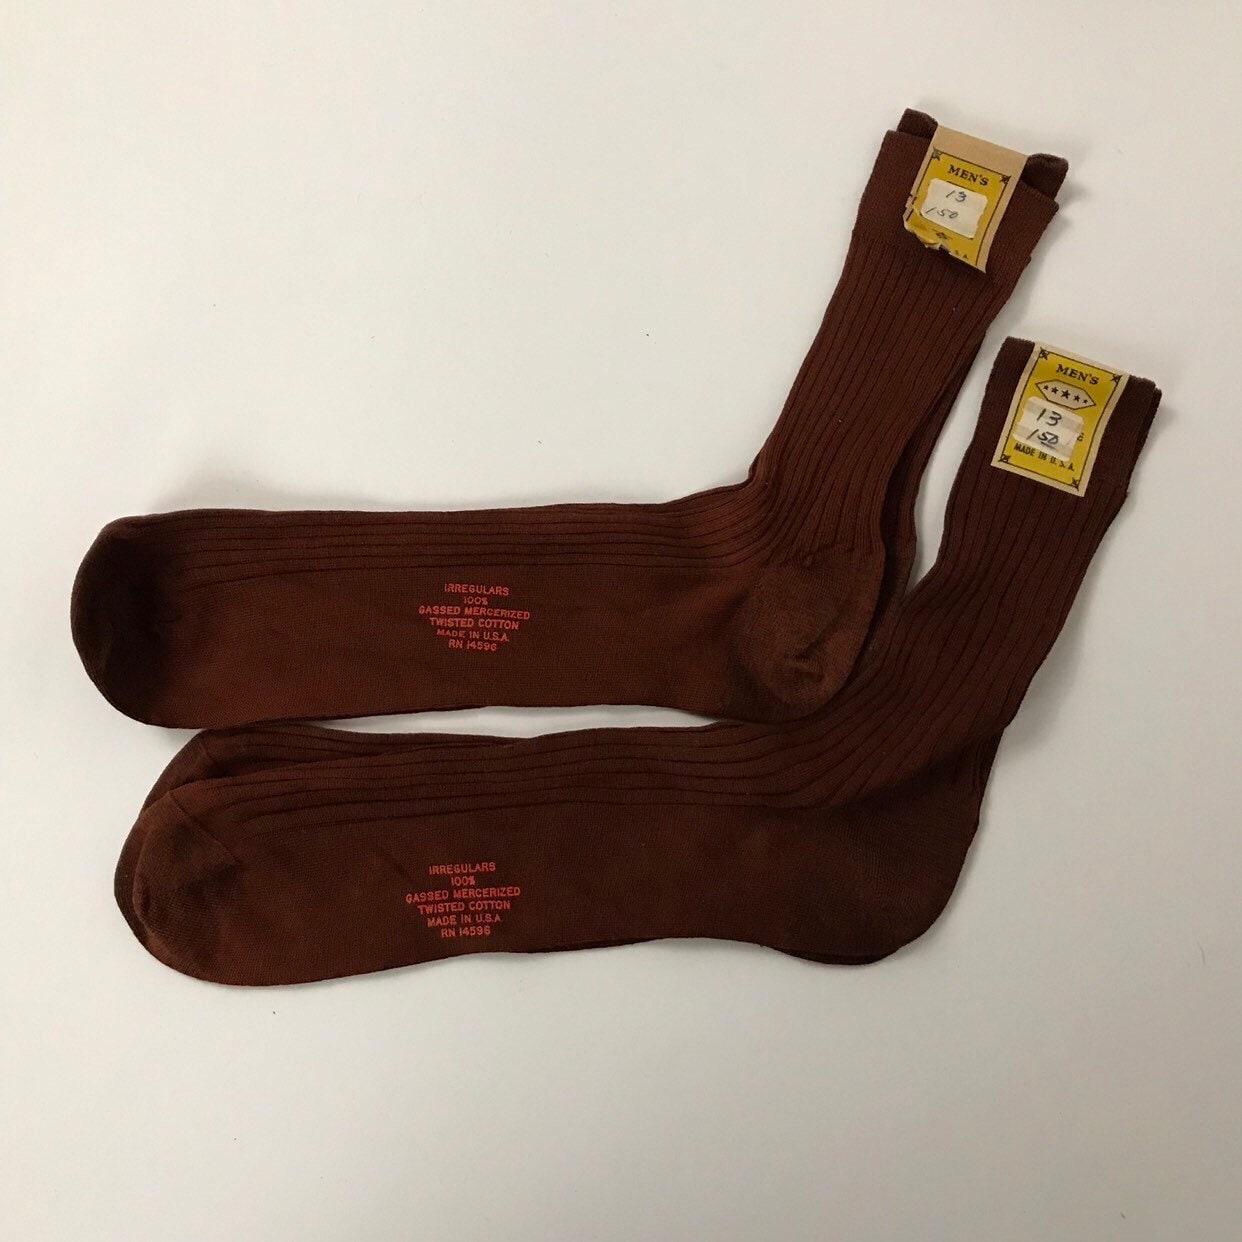 1940s Mens Ties | Wide Ties & Painted Ties 1960S 2 Pairs Of Brown Socks60S Nos Ribbed Cotton Set Unworn Nwt Mens 13 $11.00 AT vintagedancer.com